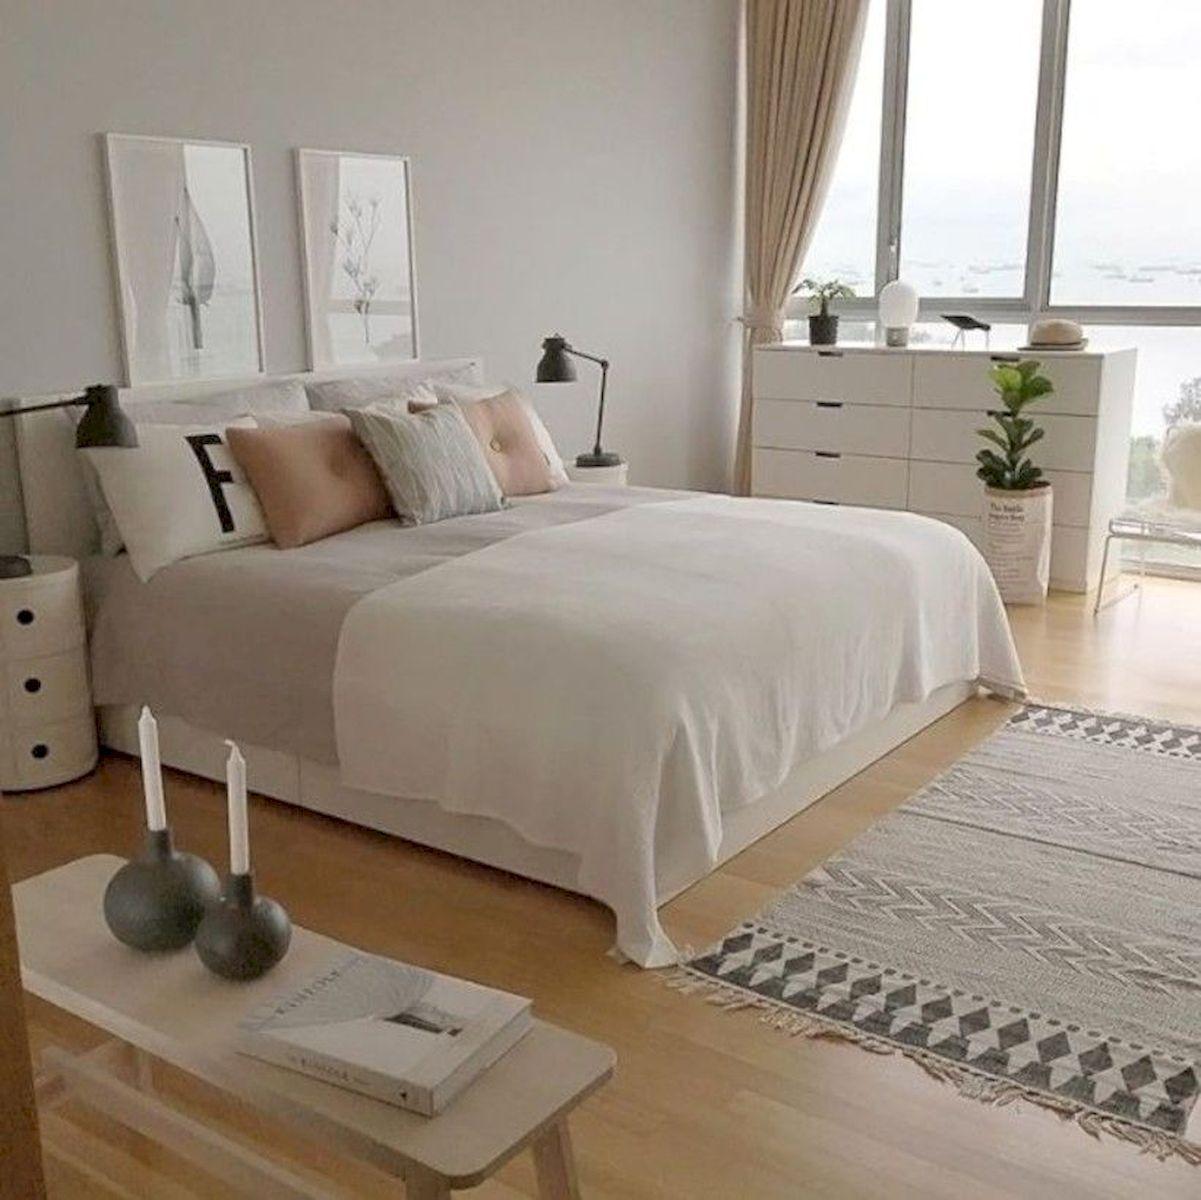 Bedroom Scandinavian Style And Decoration Jihanshanum In 2020 Bedroom Design Bedroom Interior Bedroom Decor